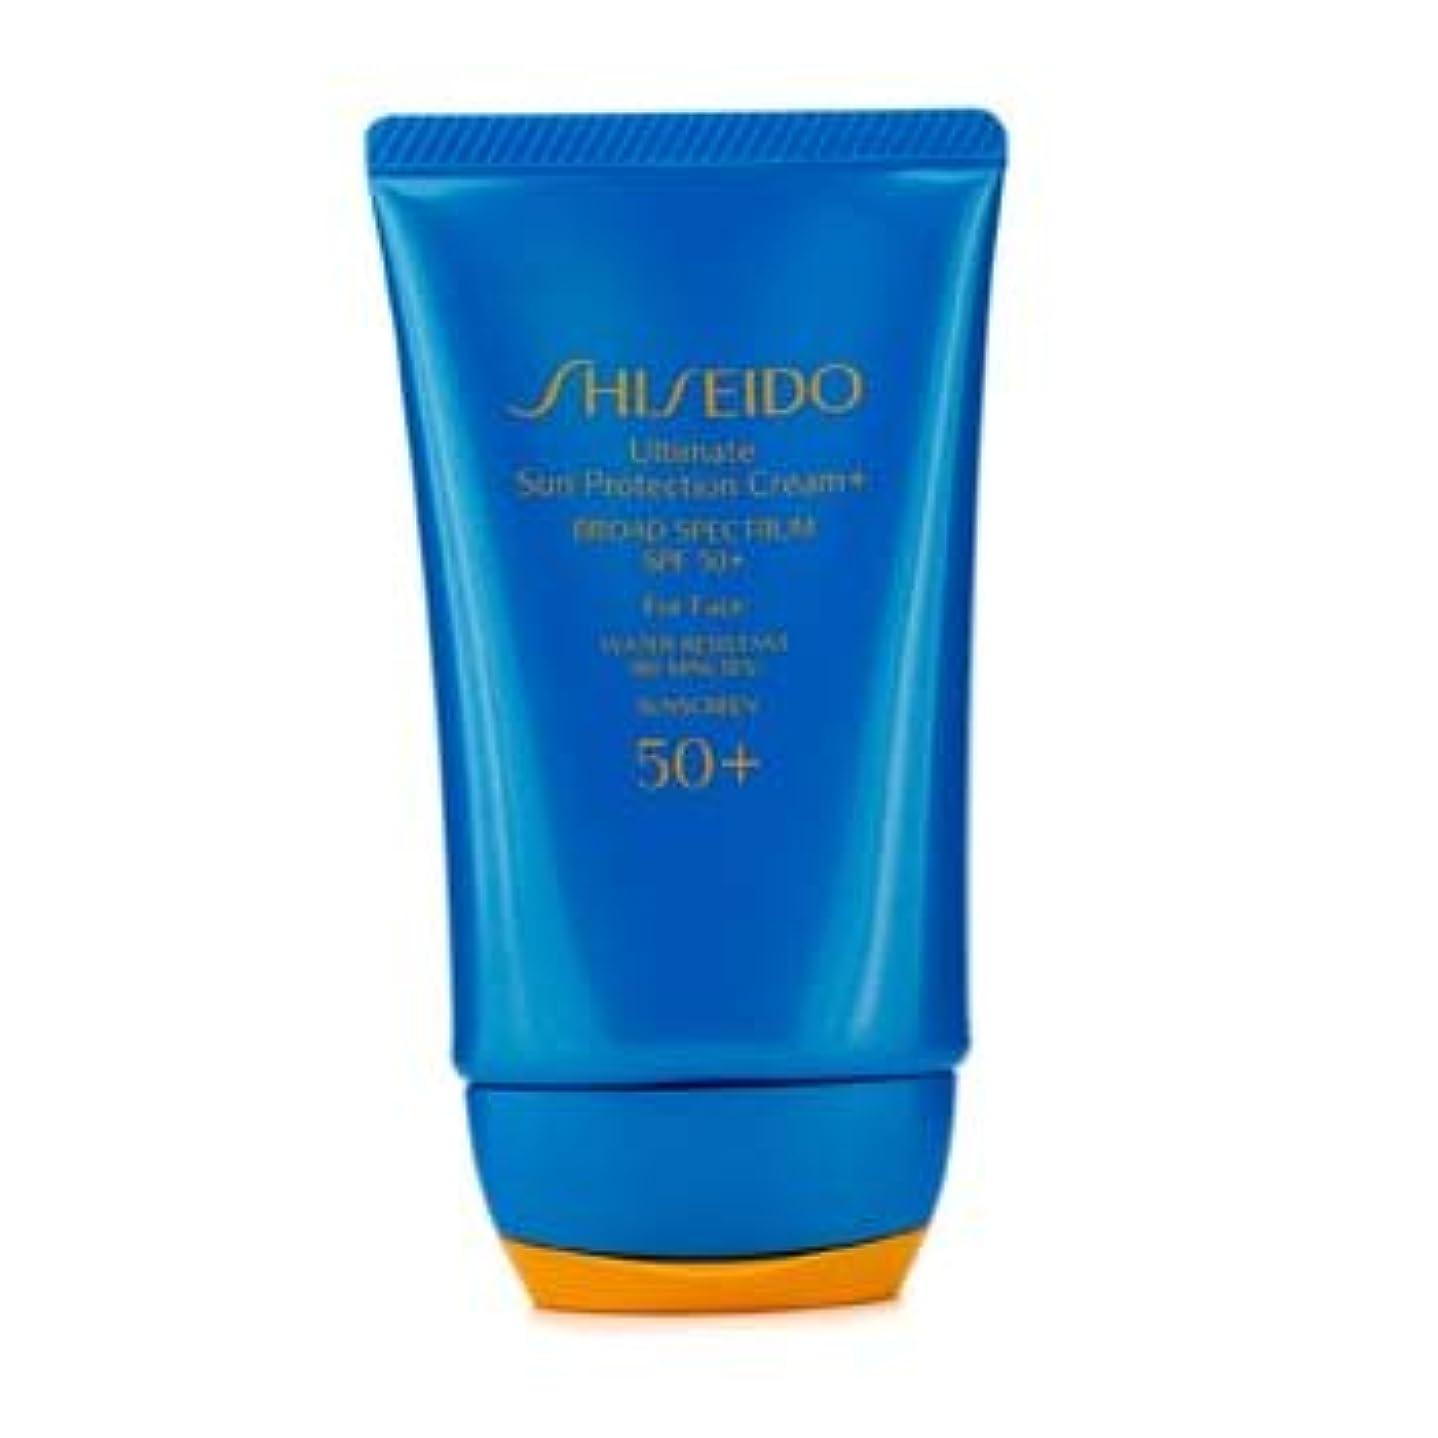 探すサミュエルカリング[Shiseido] Ultimate Sun Protection Face Cream SPF 50+ 50ml/2.1oz